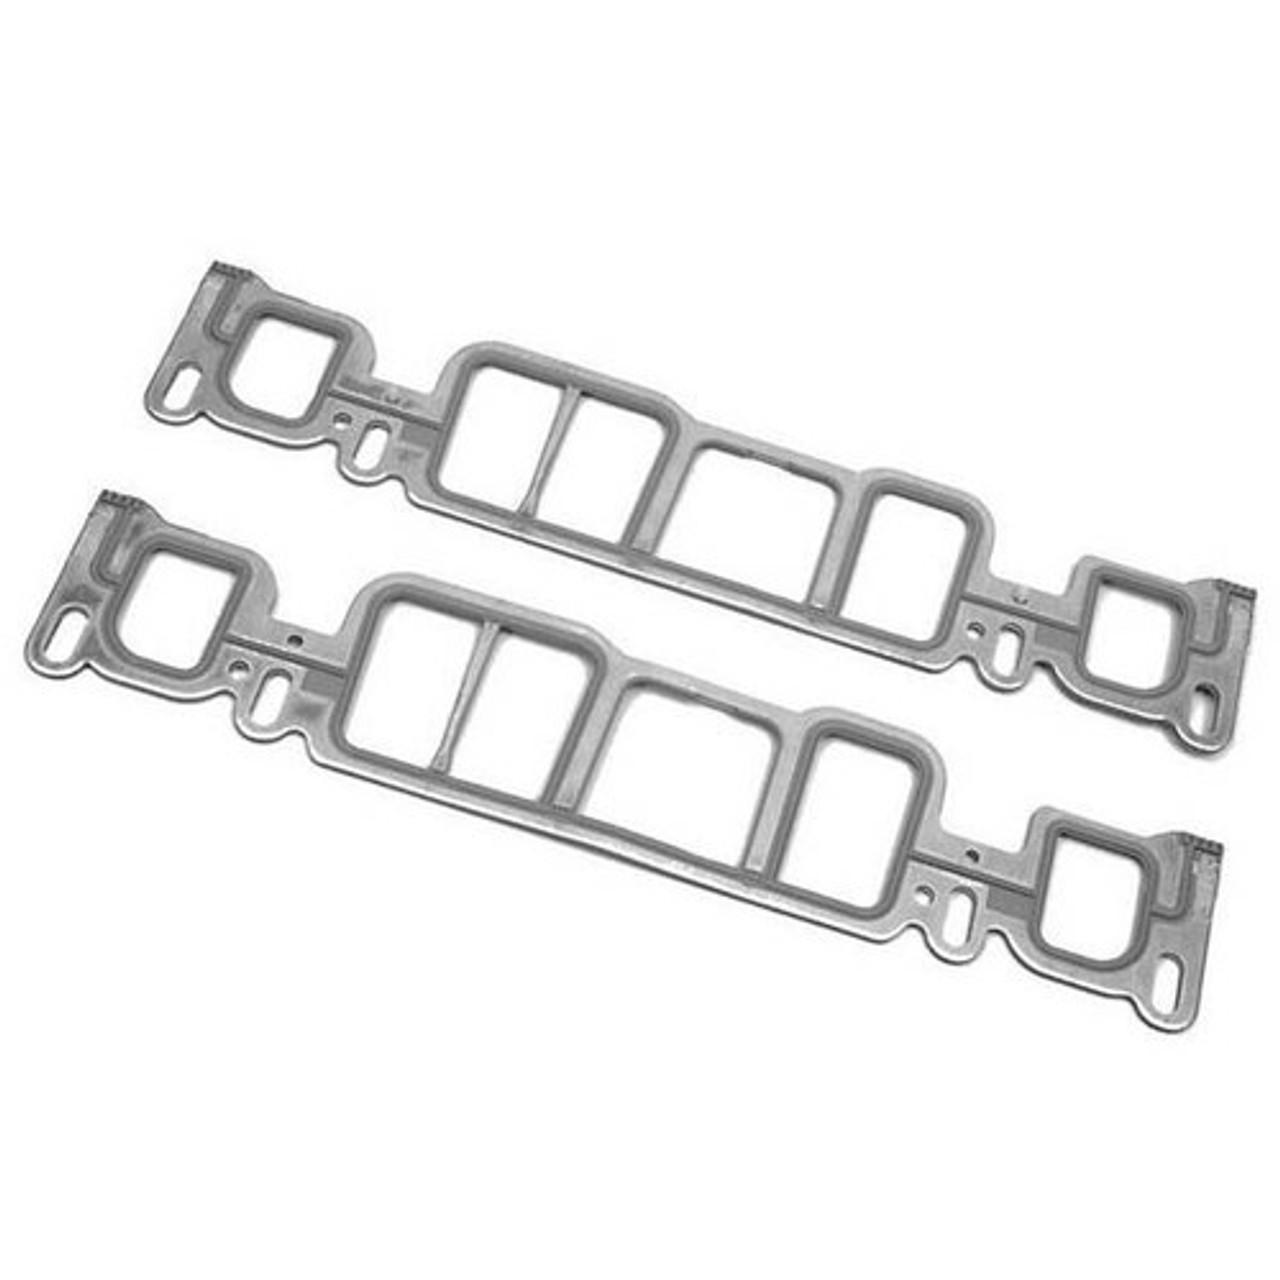 New Mercury Mercruiser Quicksilver Oem Part # 27-802657 Gasket Set-Intake